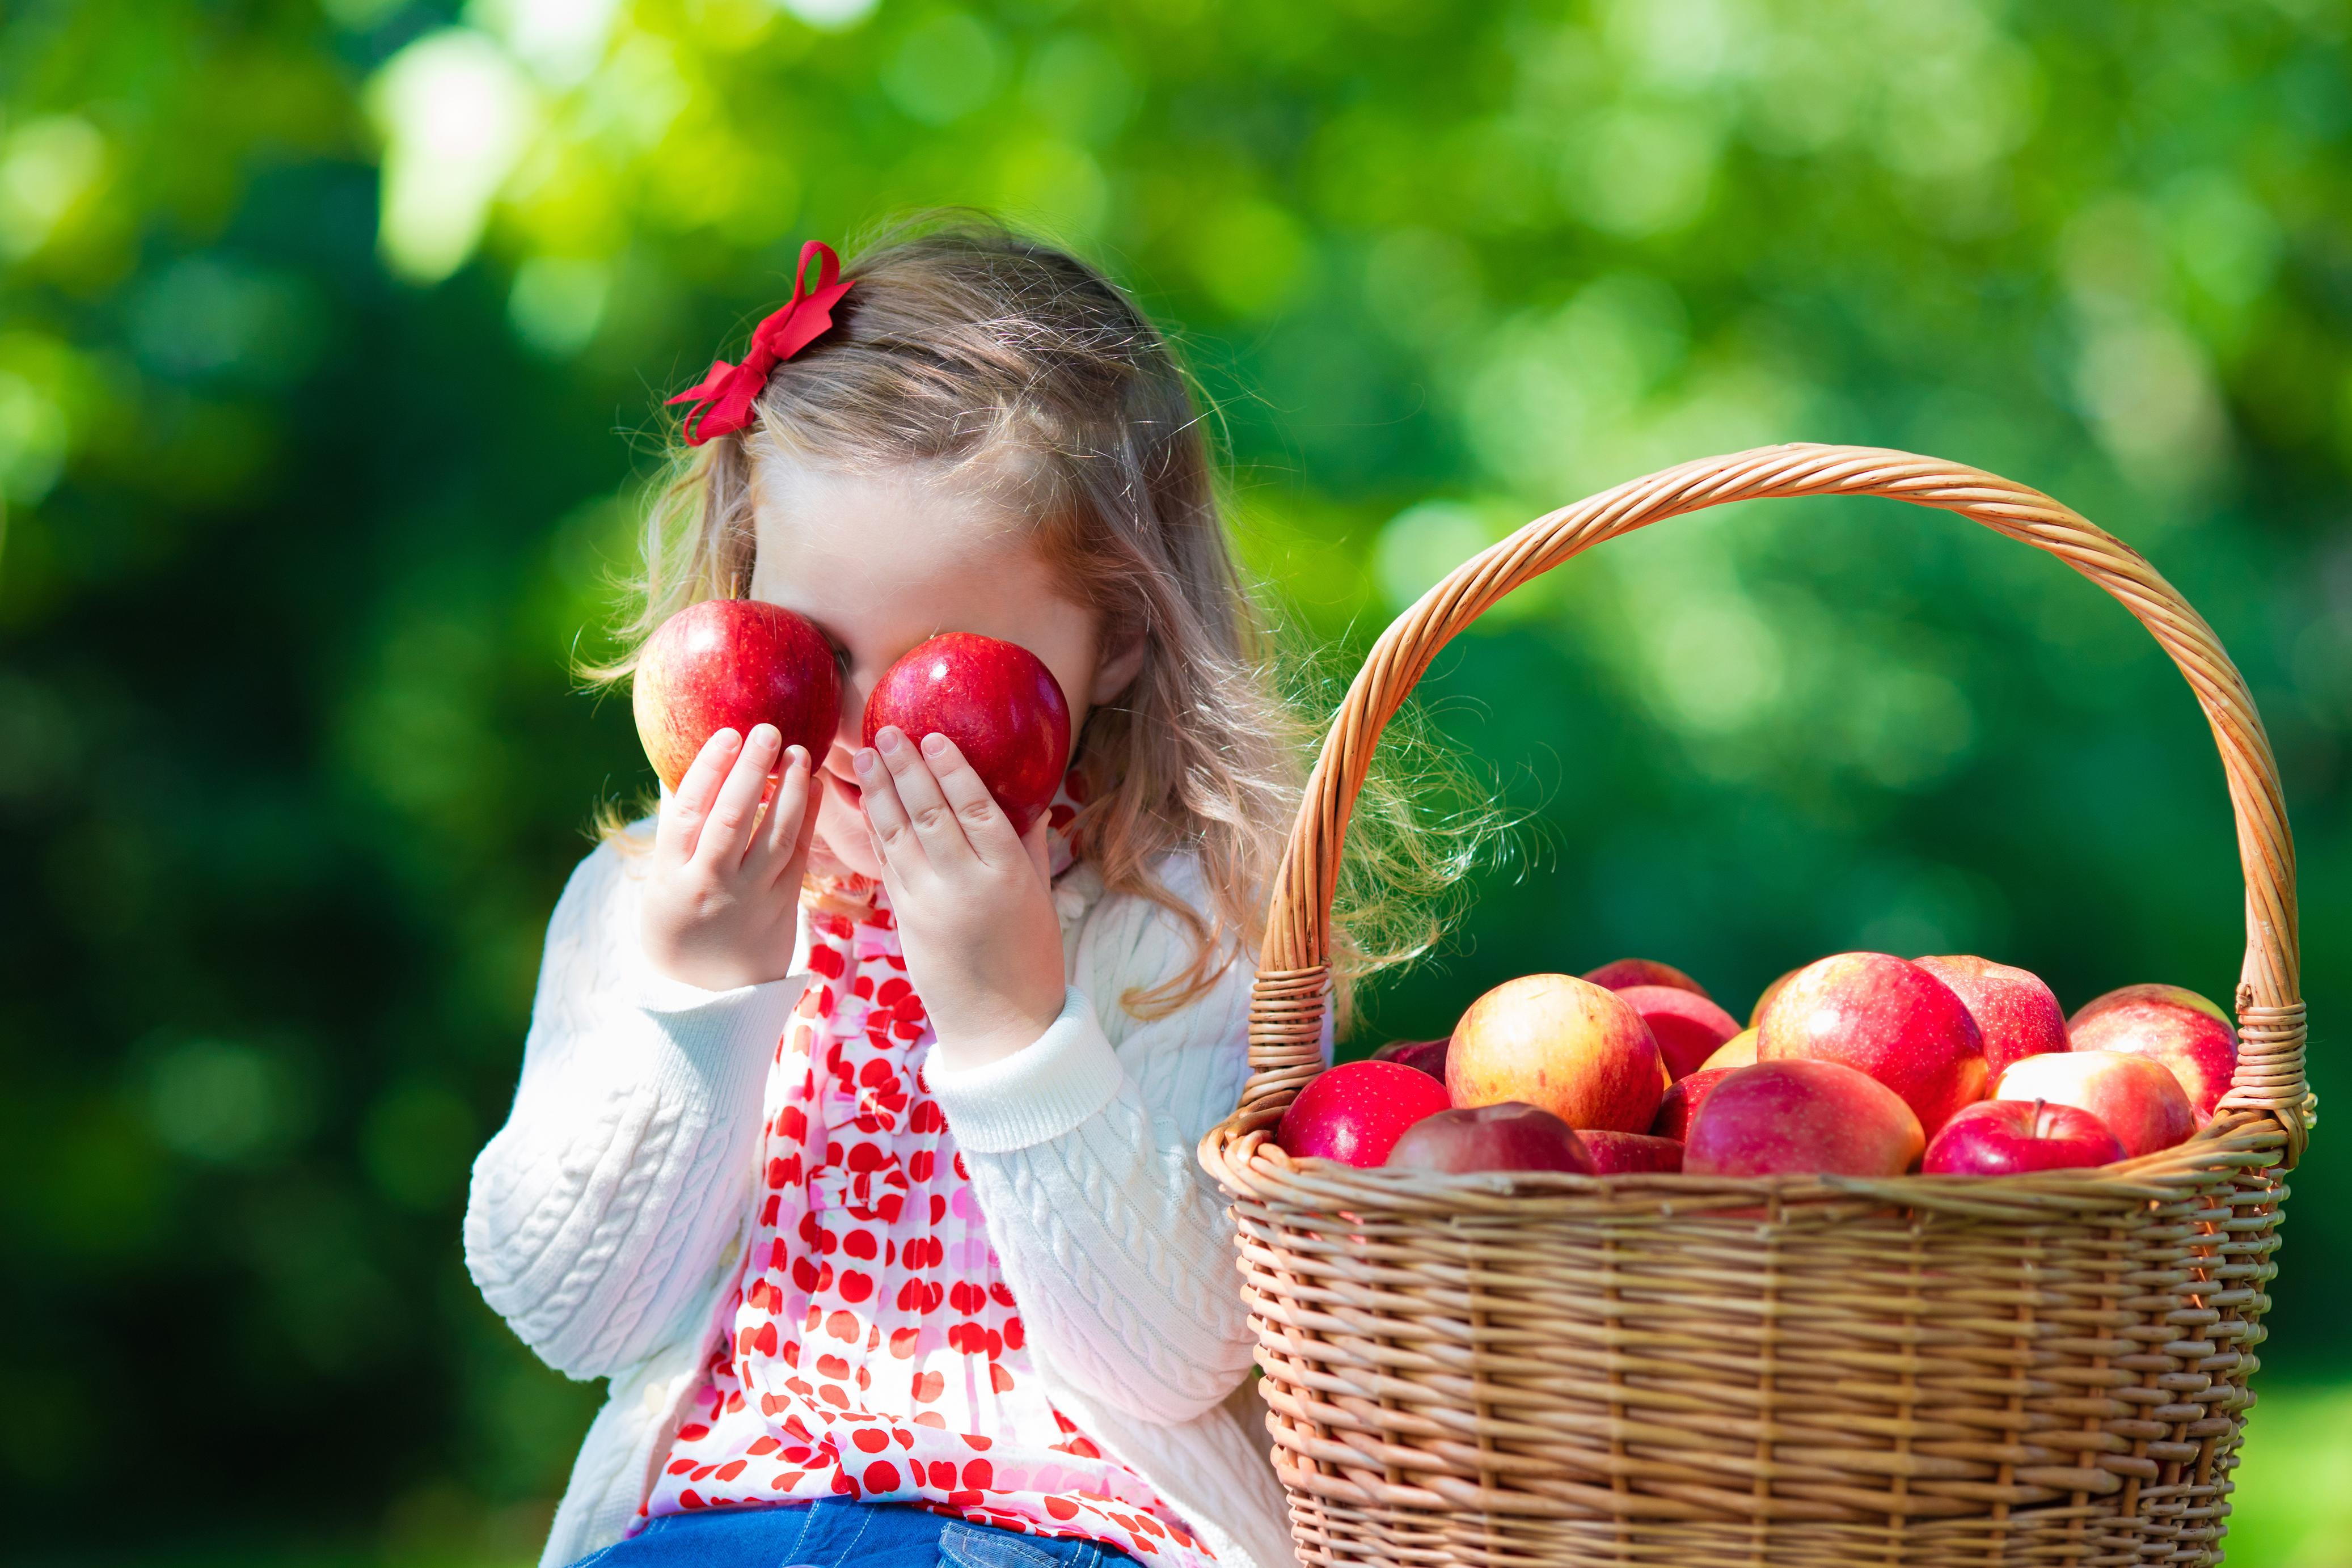 For de minste barna gjelder stort sett de samme kostrådene som for voksne.